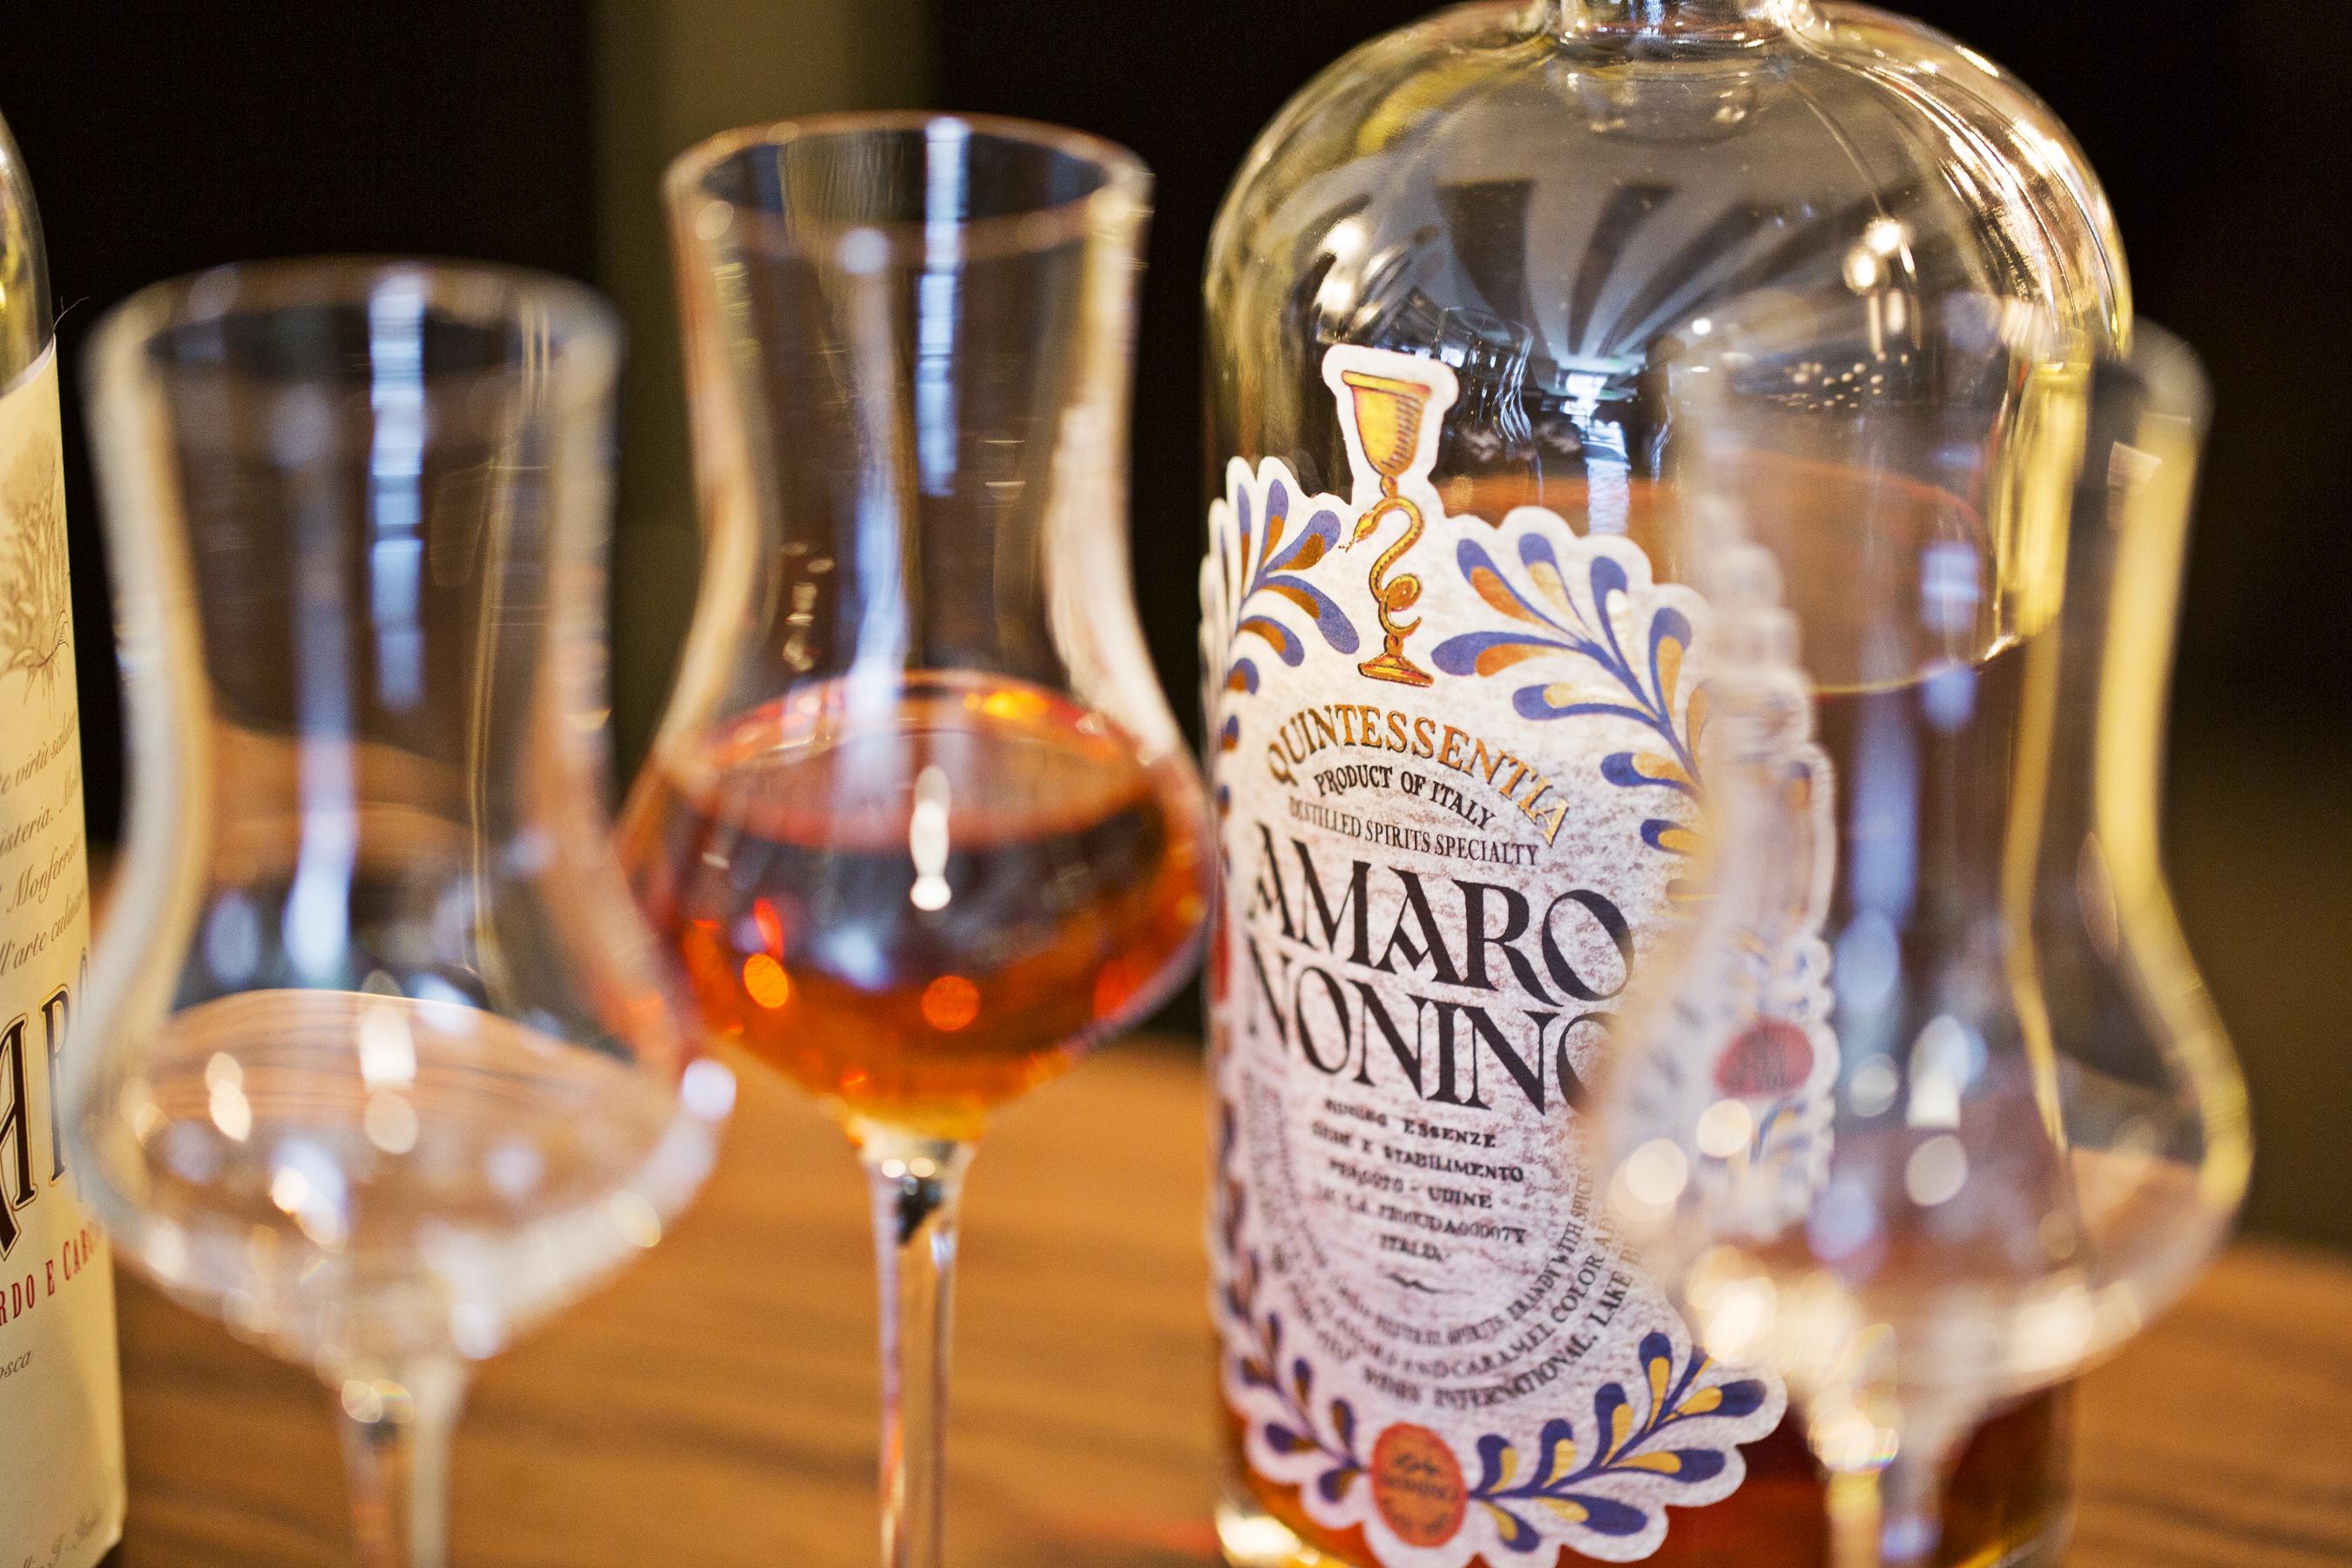 Amaro at Urbana's bar.